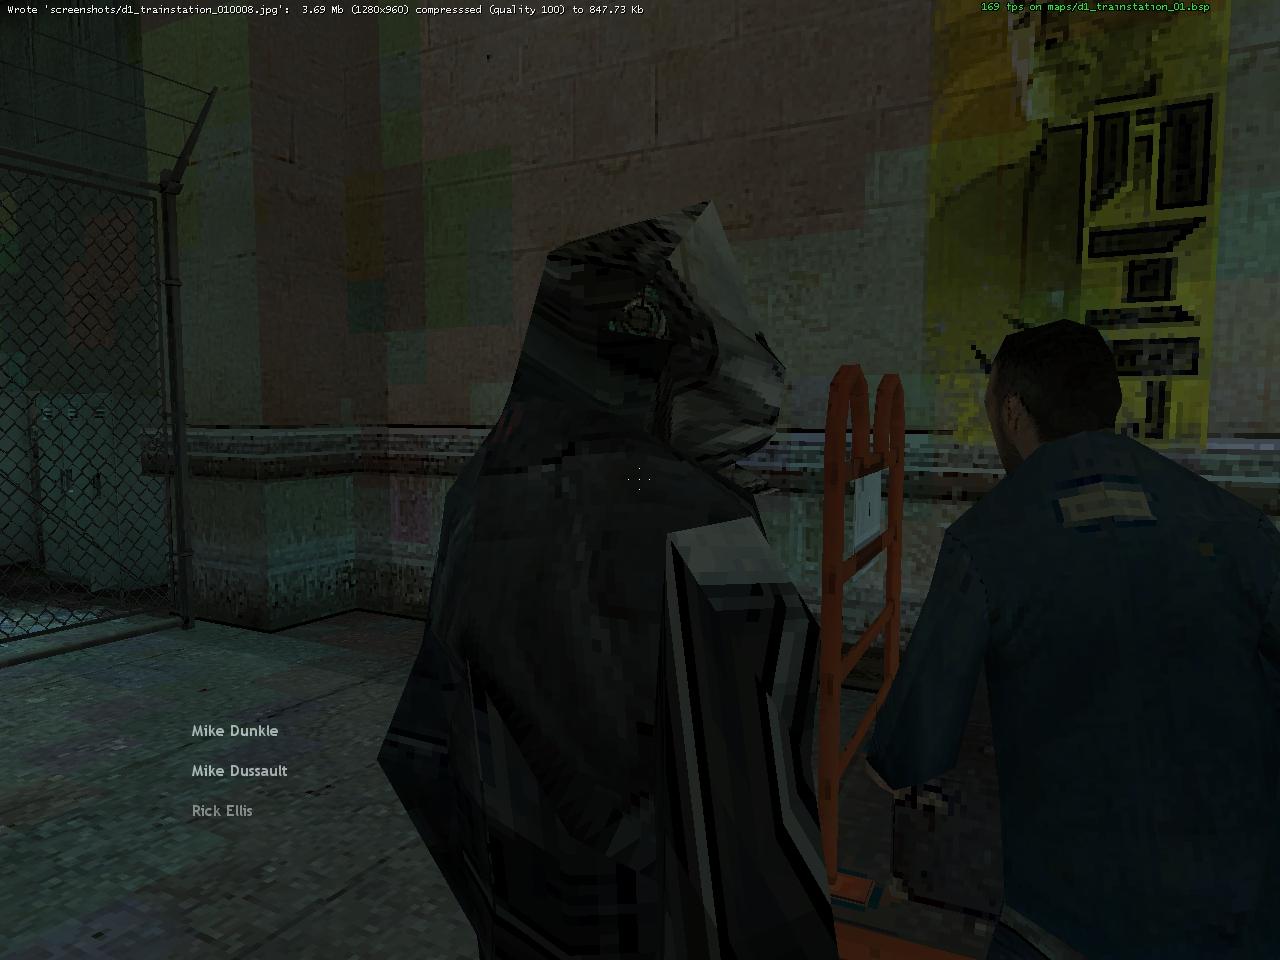 d1_trainstation_010009.jpg - Half-Life 2